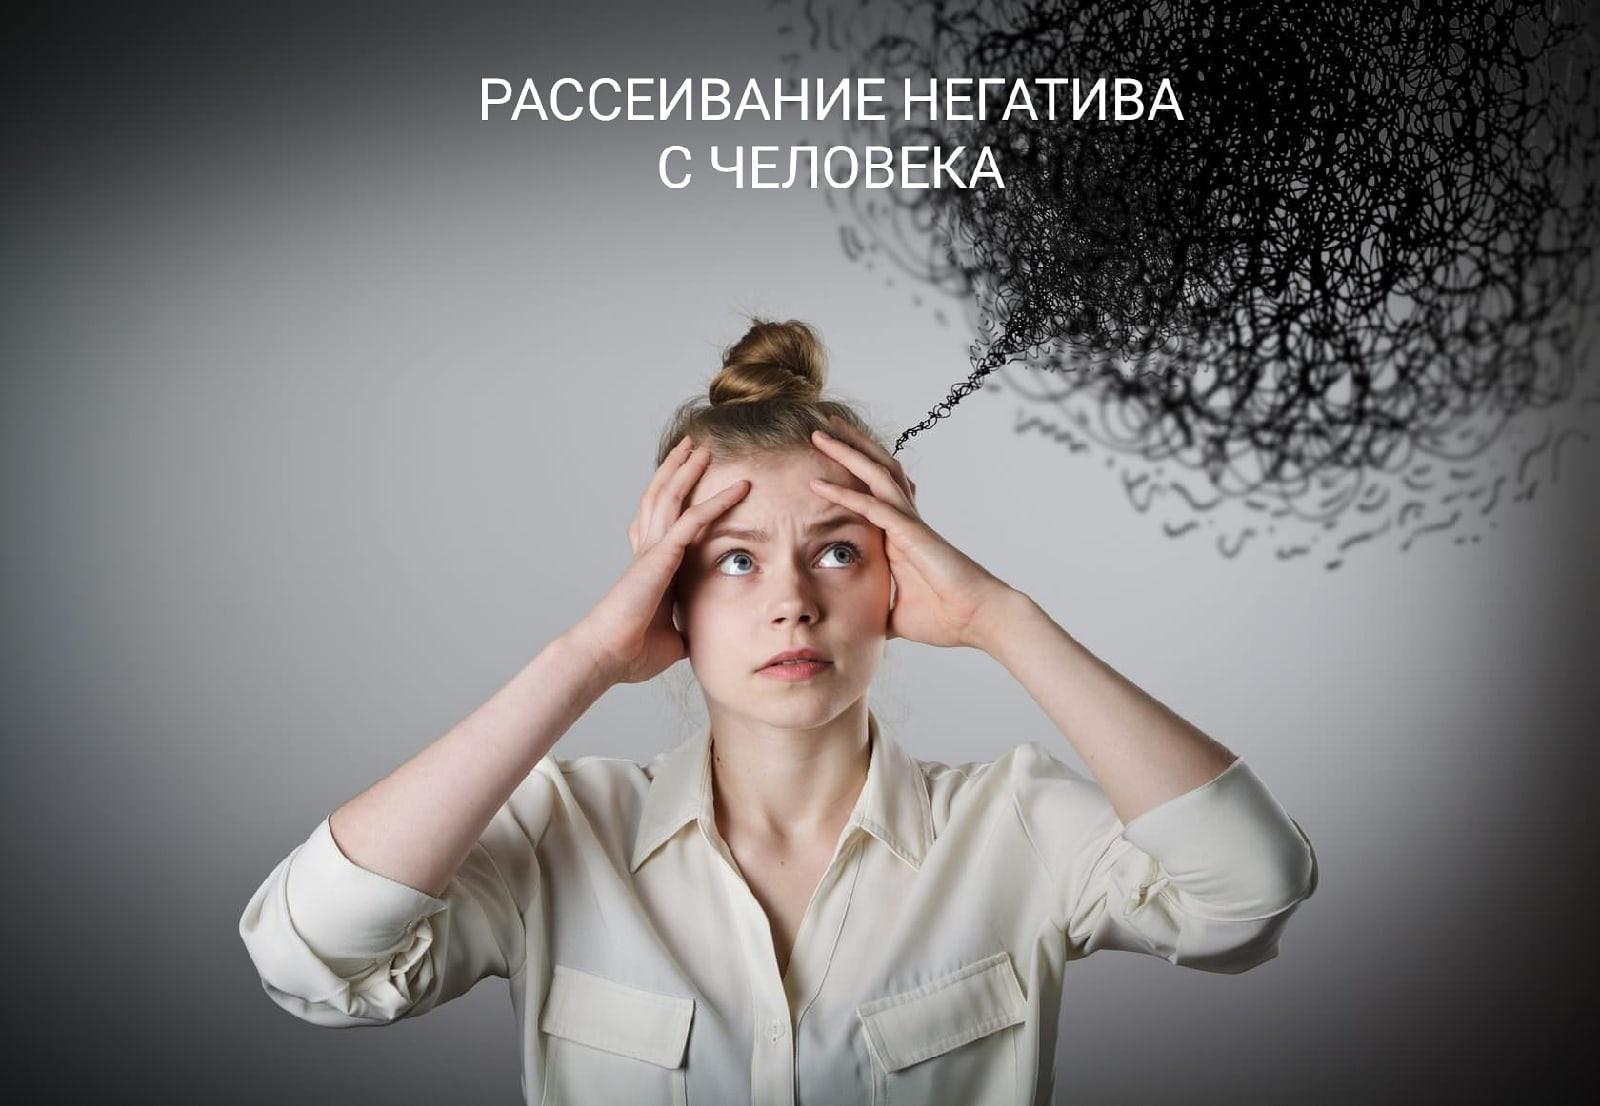 Программы от Елены Руденко - Страница 4 J5yb_dipNmg